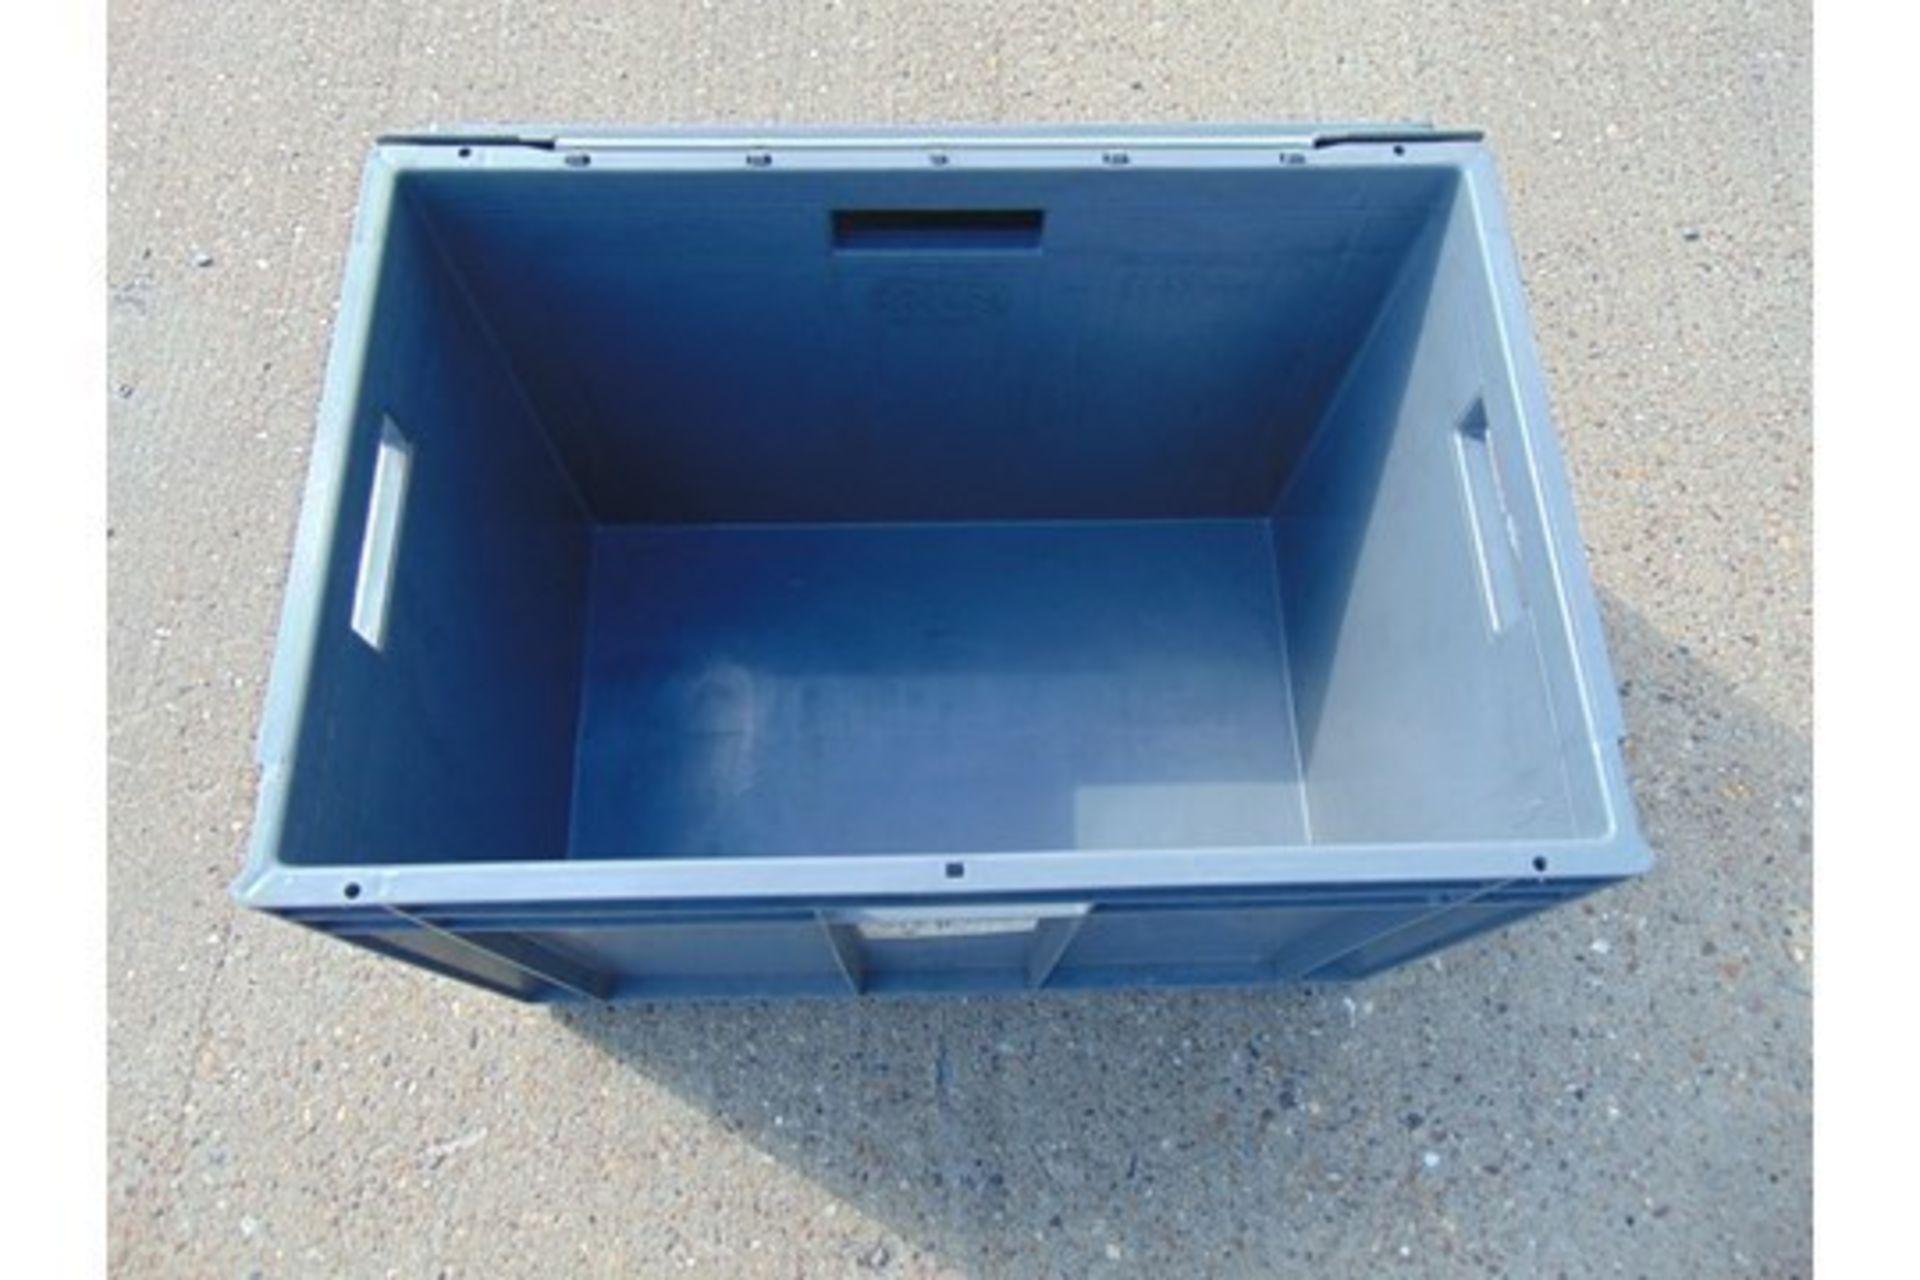 Lot 25840 - 10 x Standard MoD Stackable Storage Boxes c/w Lids